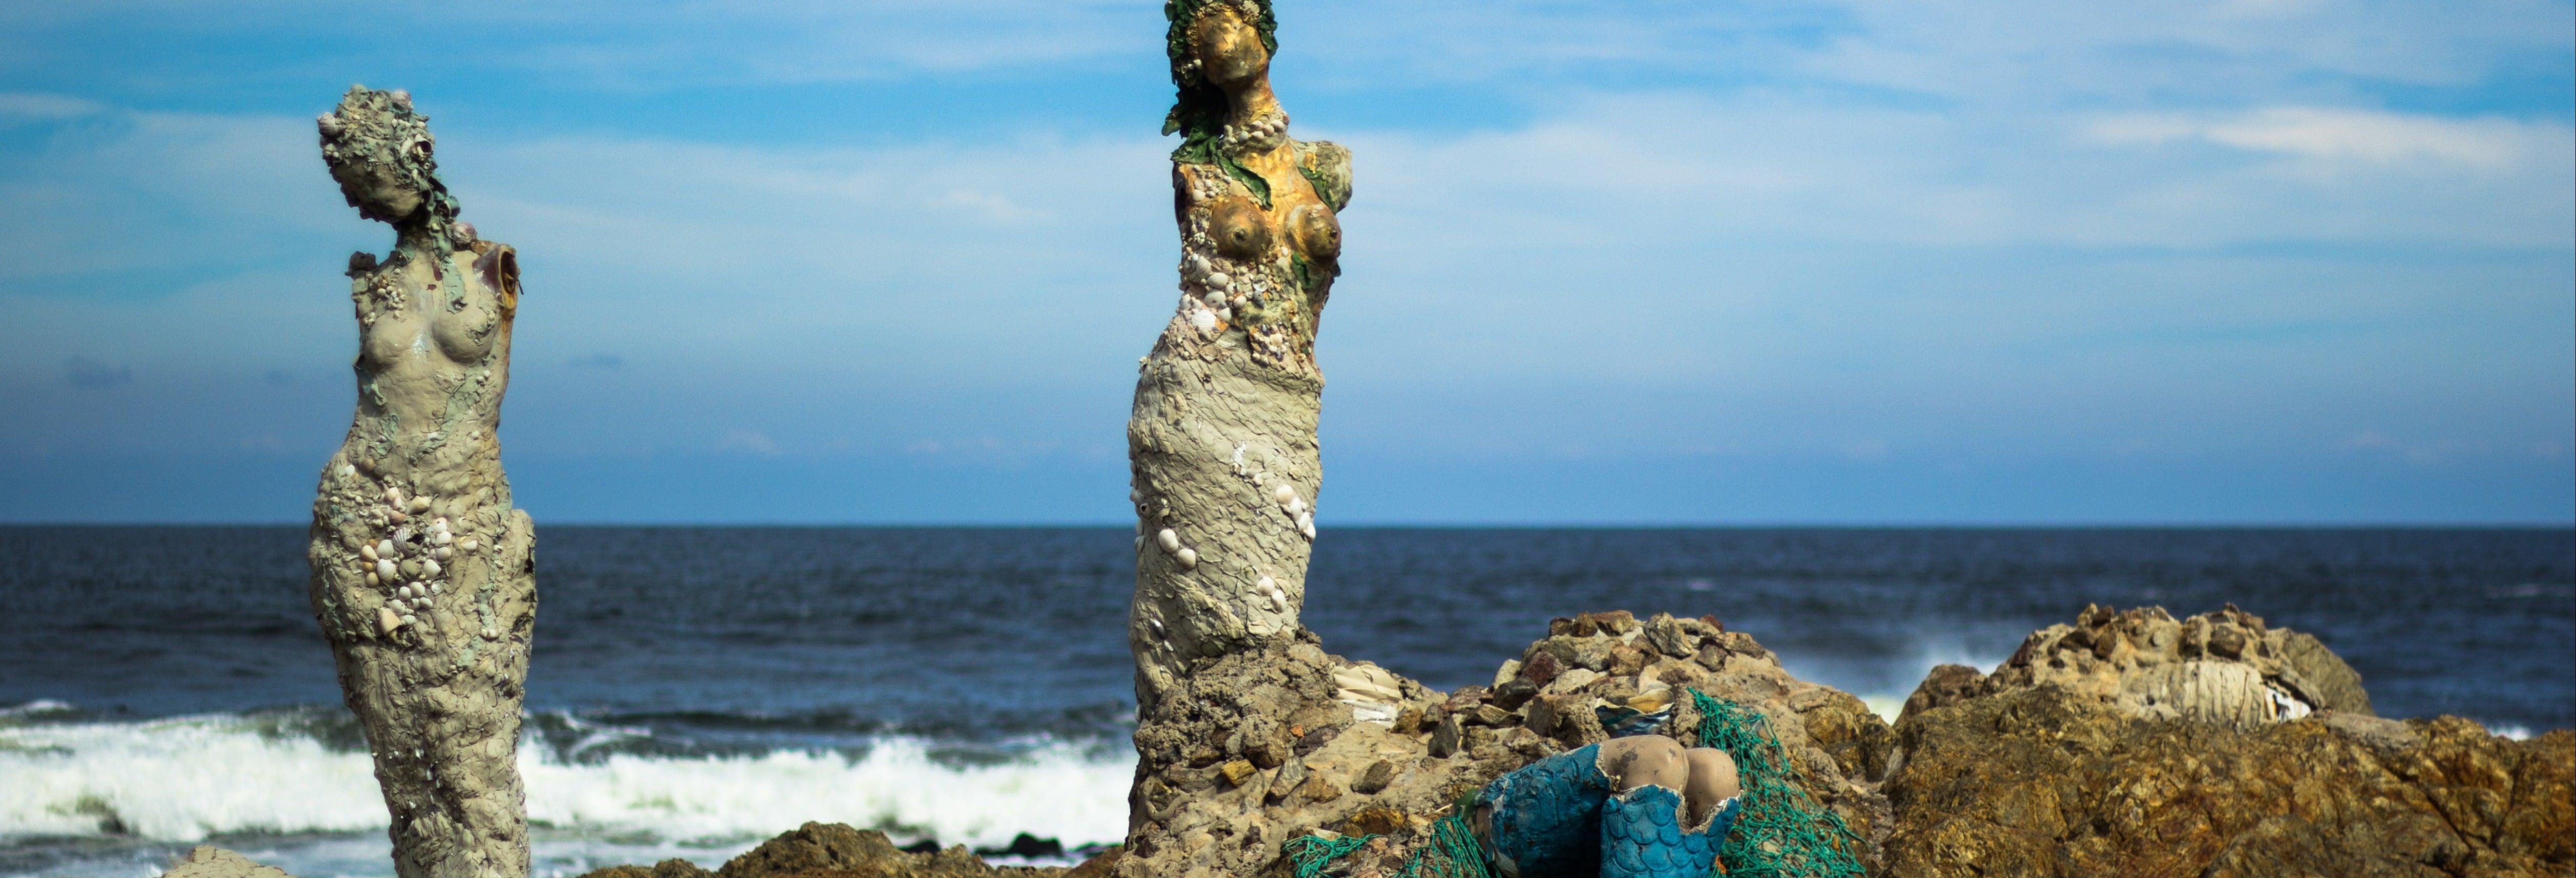 Visita guiada por Punta del Este